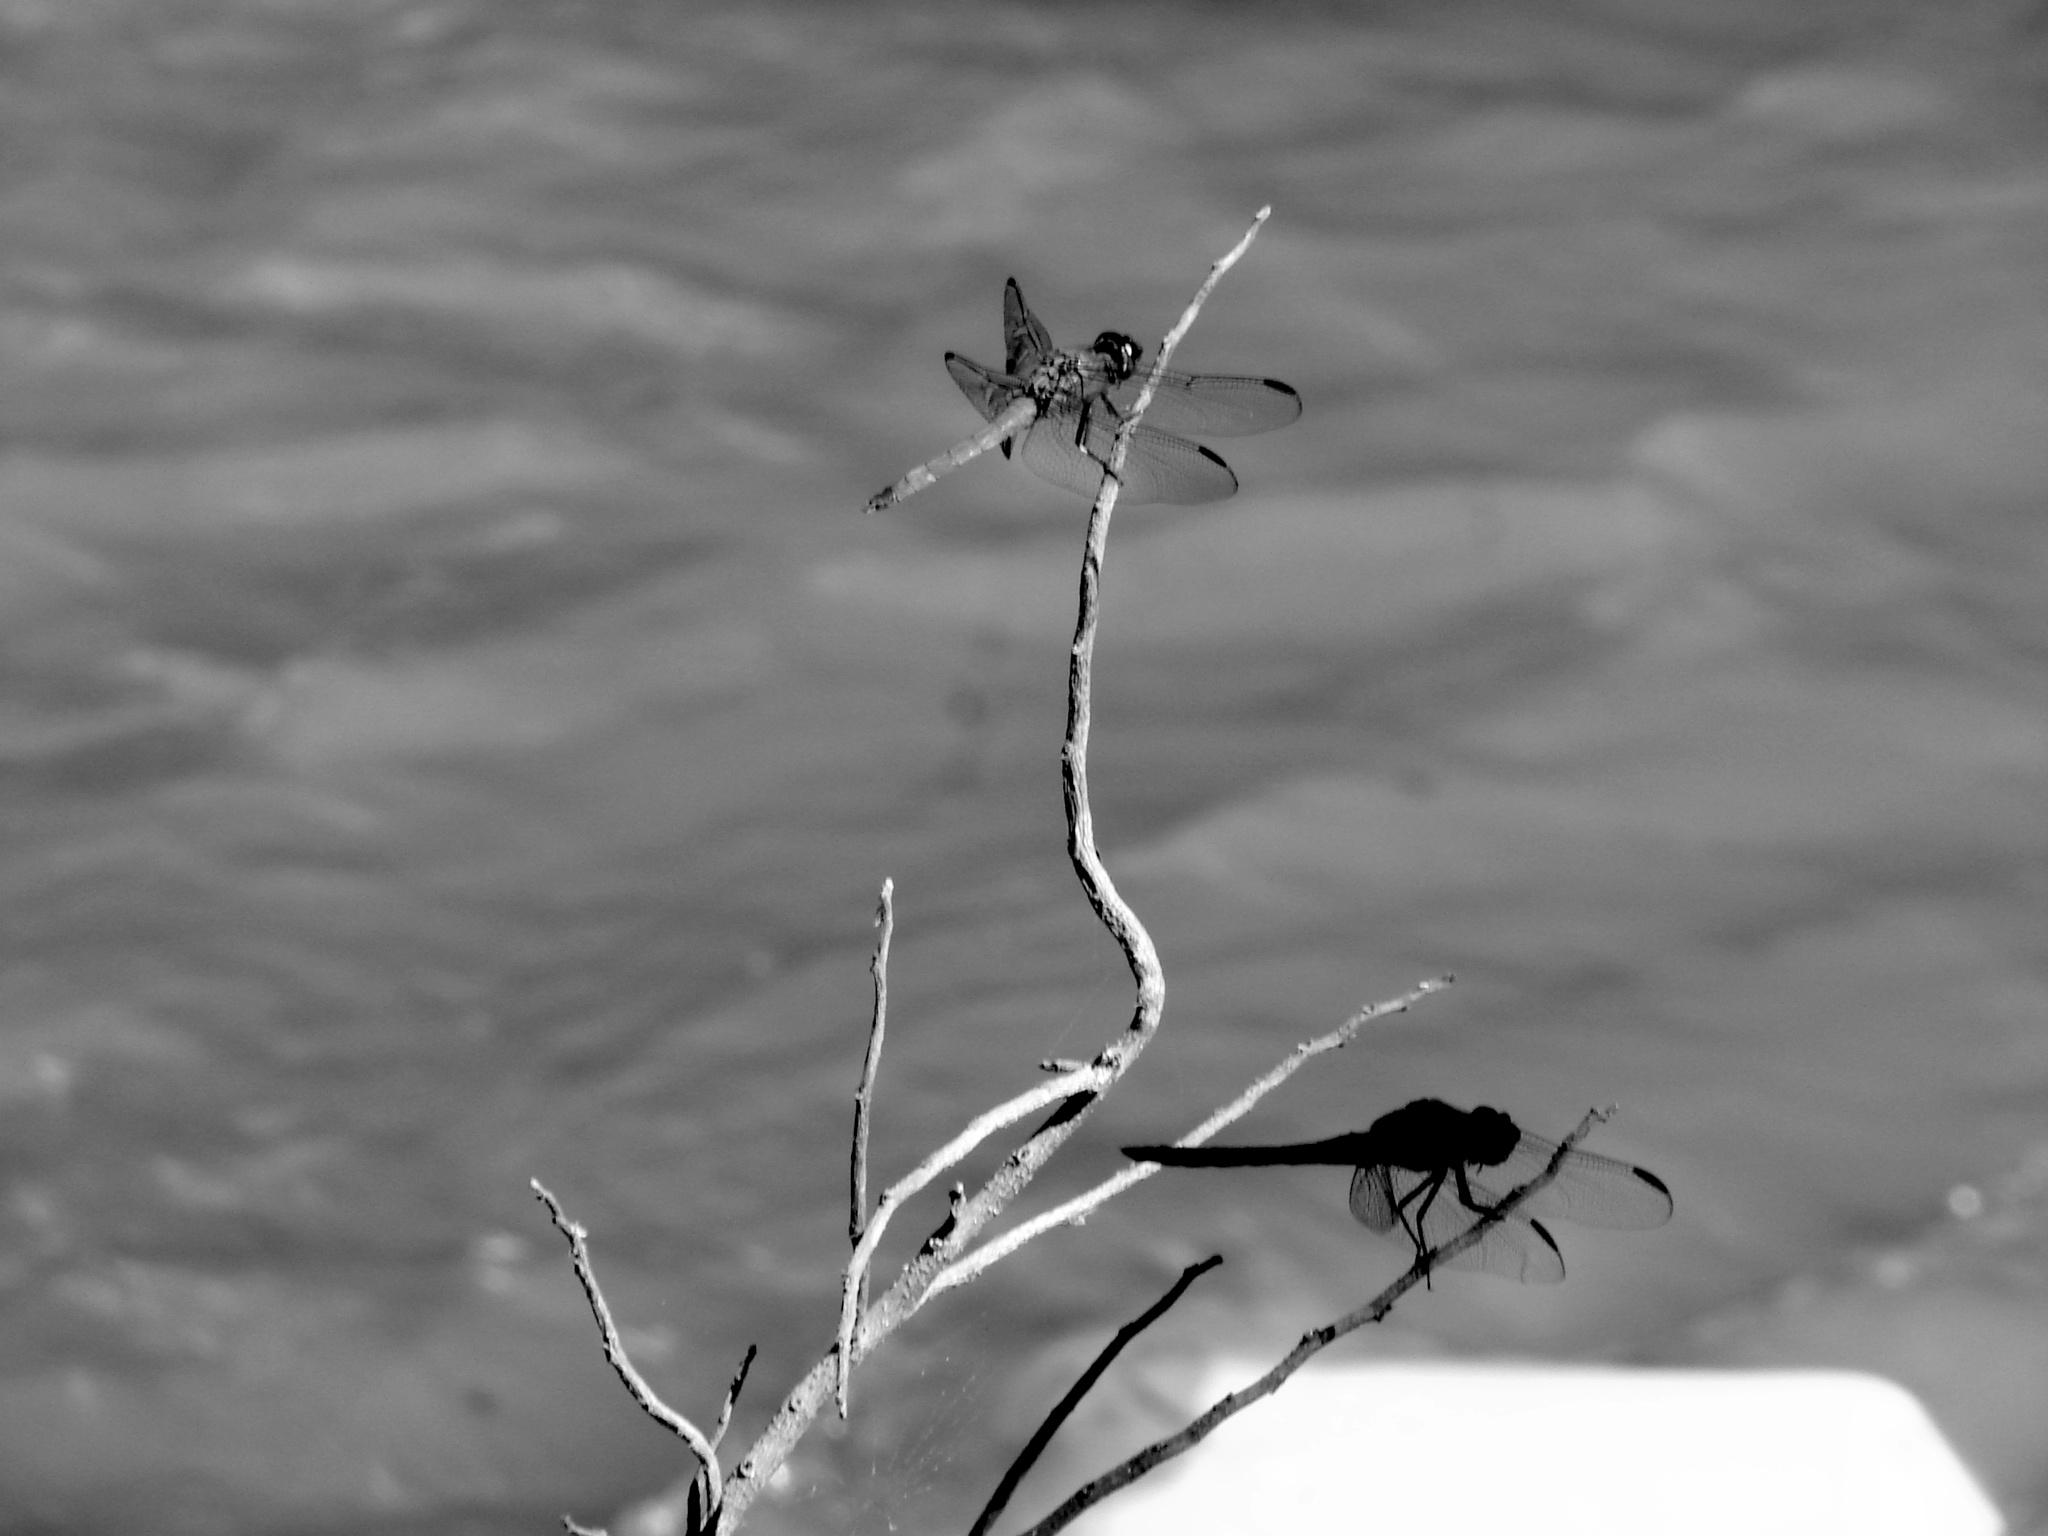 dragonfly-B&W by J.R.Galindo